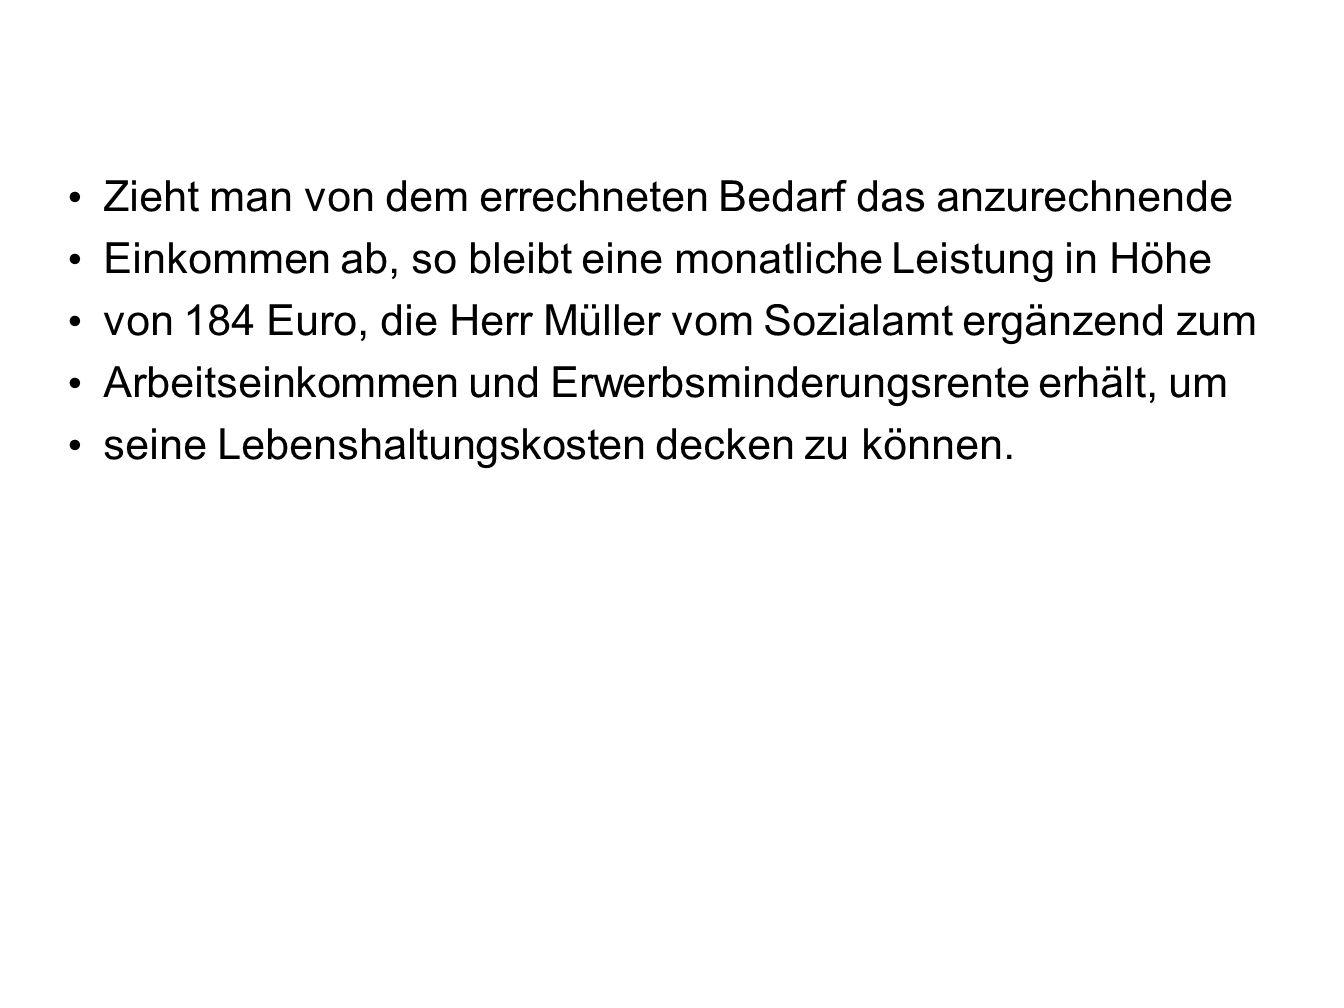 Zieht man von dem errechneten Bedarf das anzurechnende Einkommen ab, so bleibt eine monatliche Leistung in Höhe von 184 Euro, die Herr Müller vom Sozi